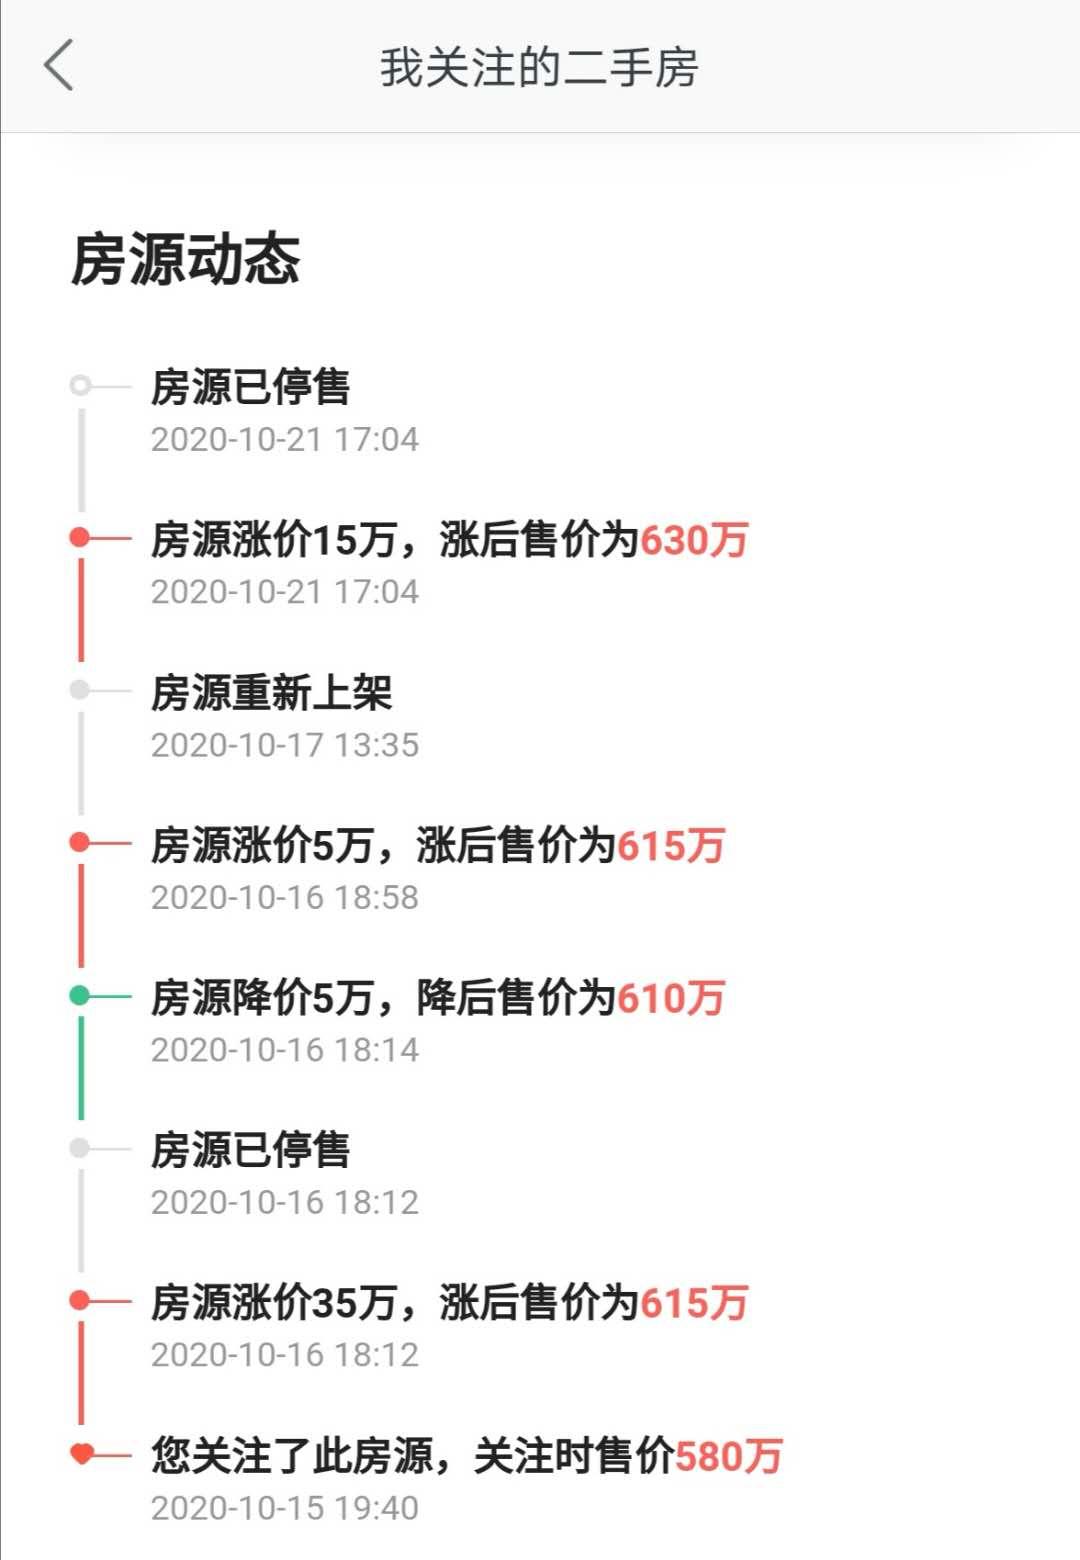 上海二手房市场升温 有房子6天内涨了50万元